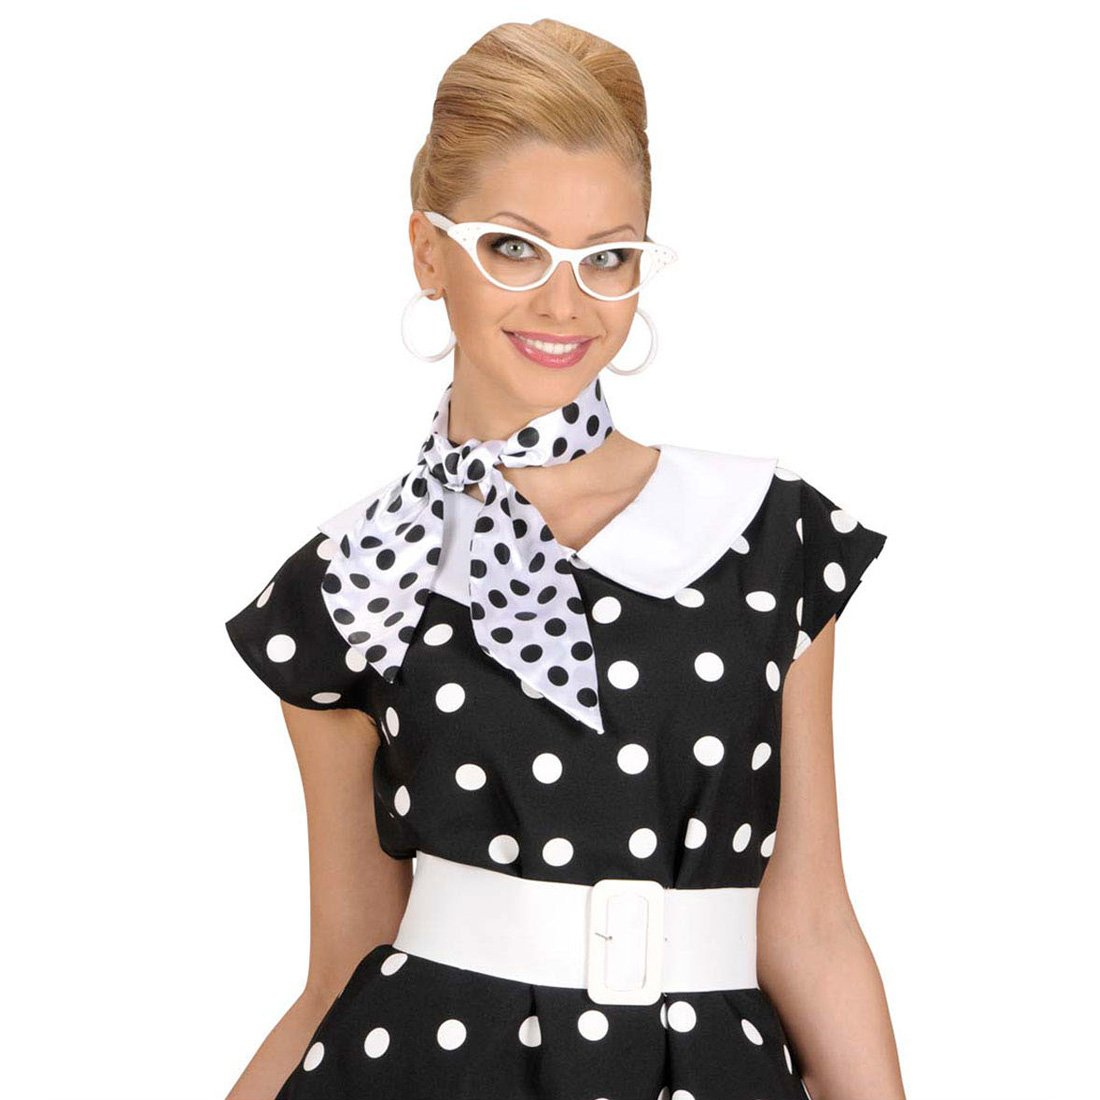 Amakando 50er Jahre Halstuch Pünktchen Haar Tuch schwarz-weiß gepunktet Retro Satintuch Polka Dots Satin Schal Rockabilly Punkte Haartuch Mottoparty Accessoire